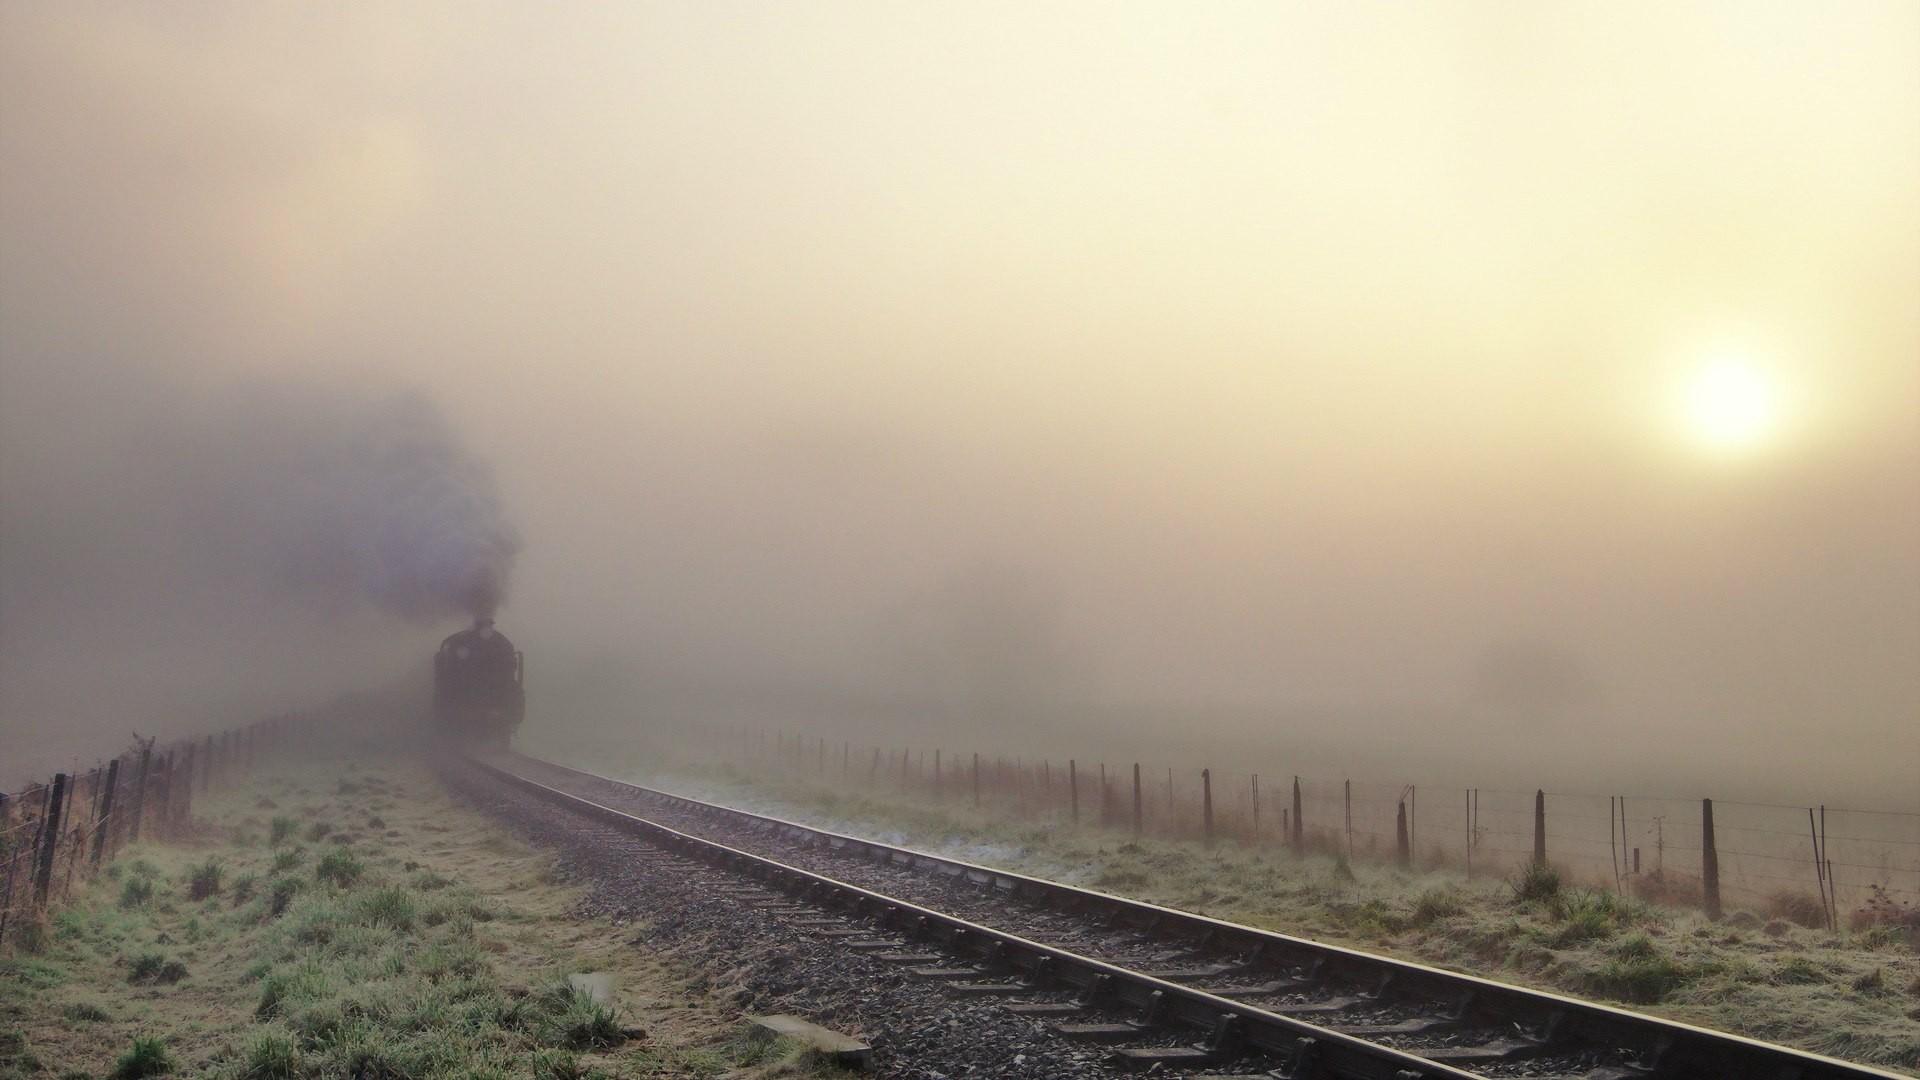 будет тату, картинка утром с поезда тут посмотрела